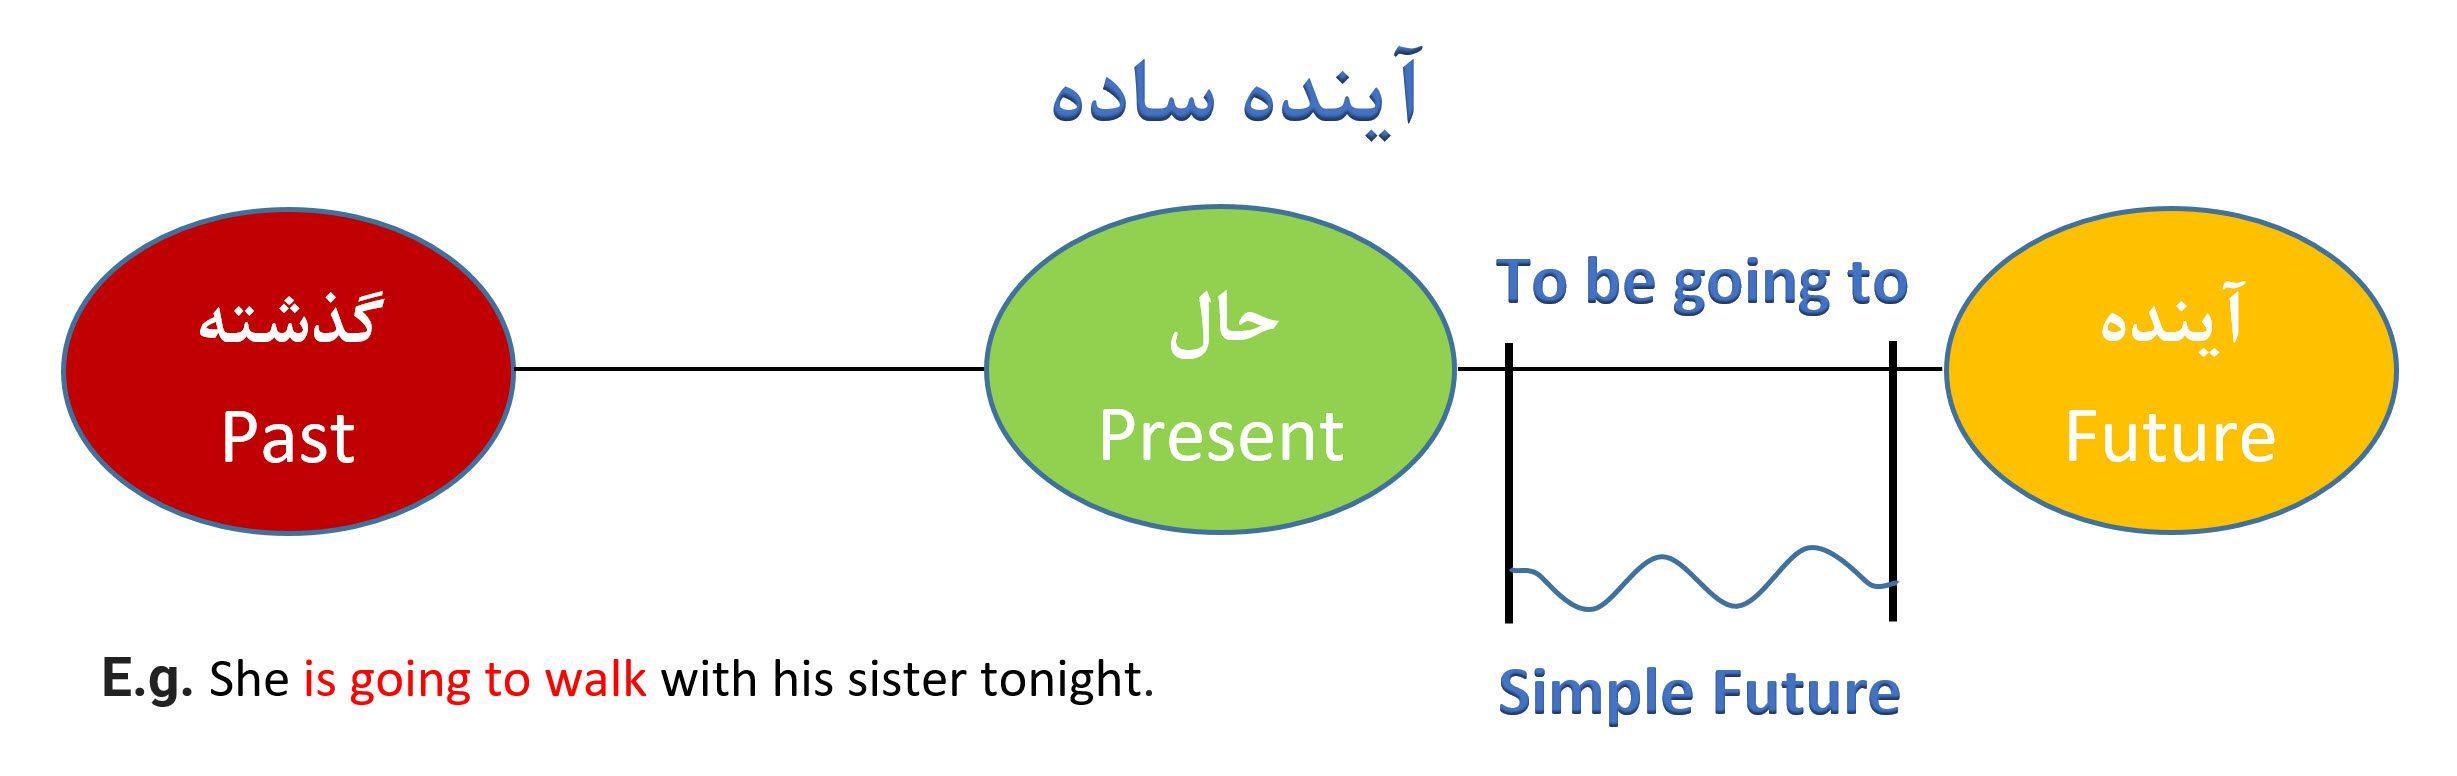 آینده ساده بخش 2 - Simple Future - Unit 2 Chart